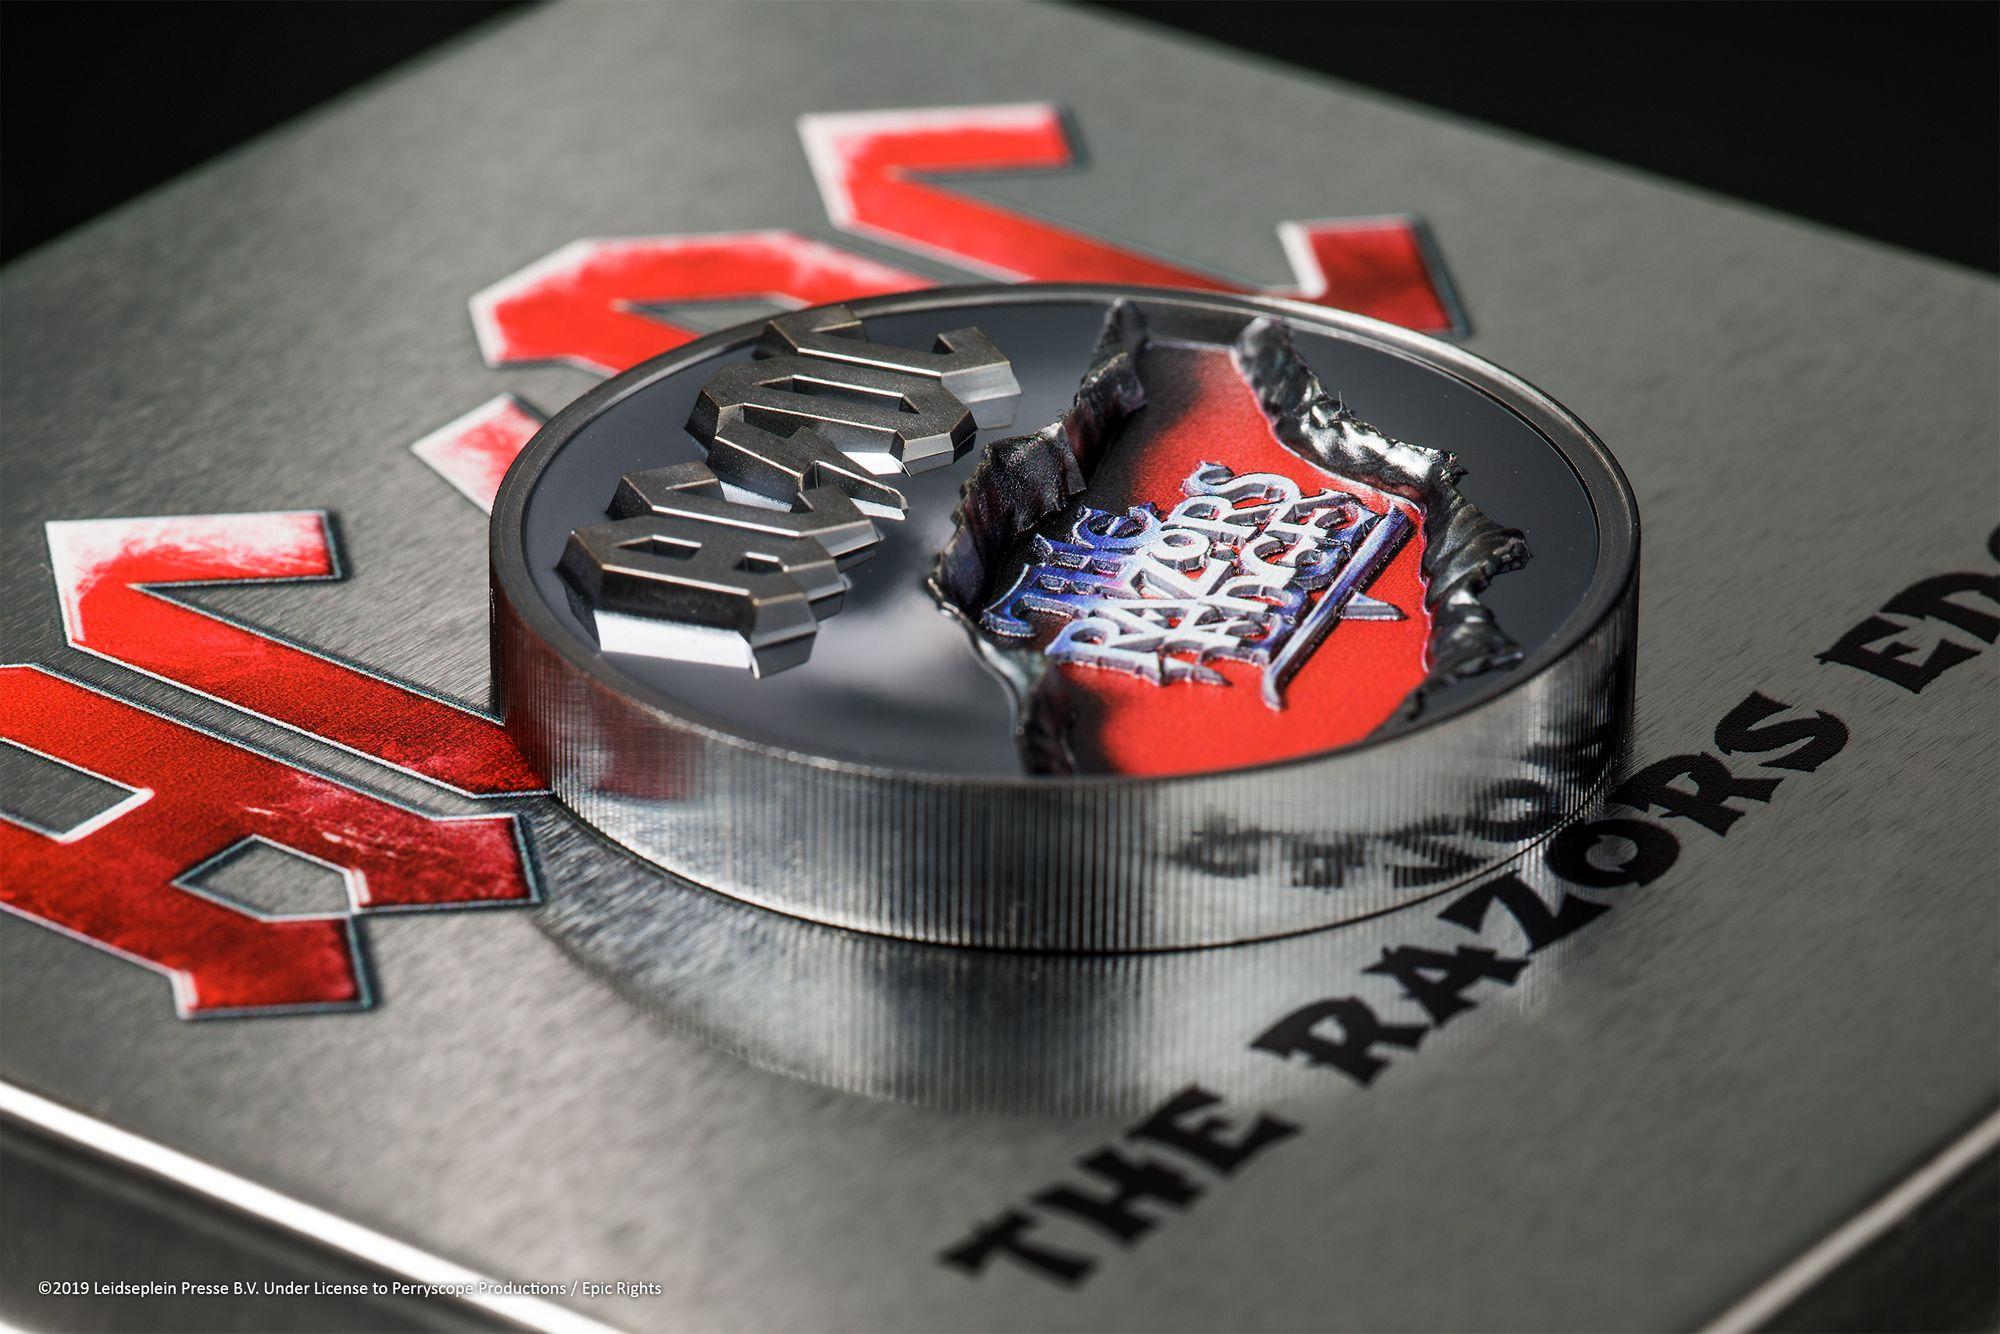 2019 AC/DC The Razor's Edge 2oz Black Proof Silver Coin